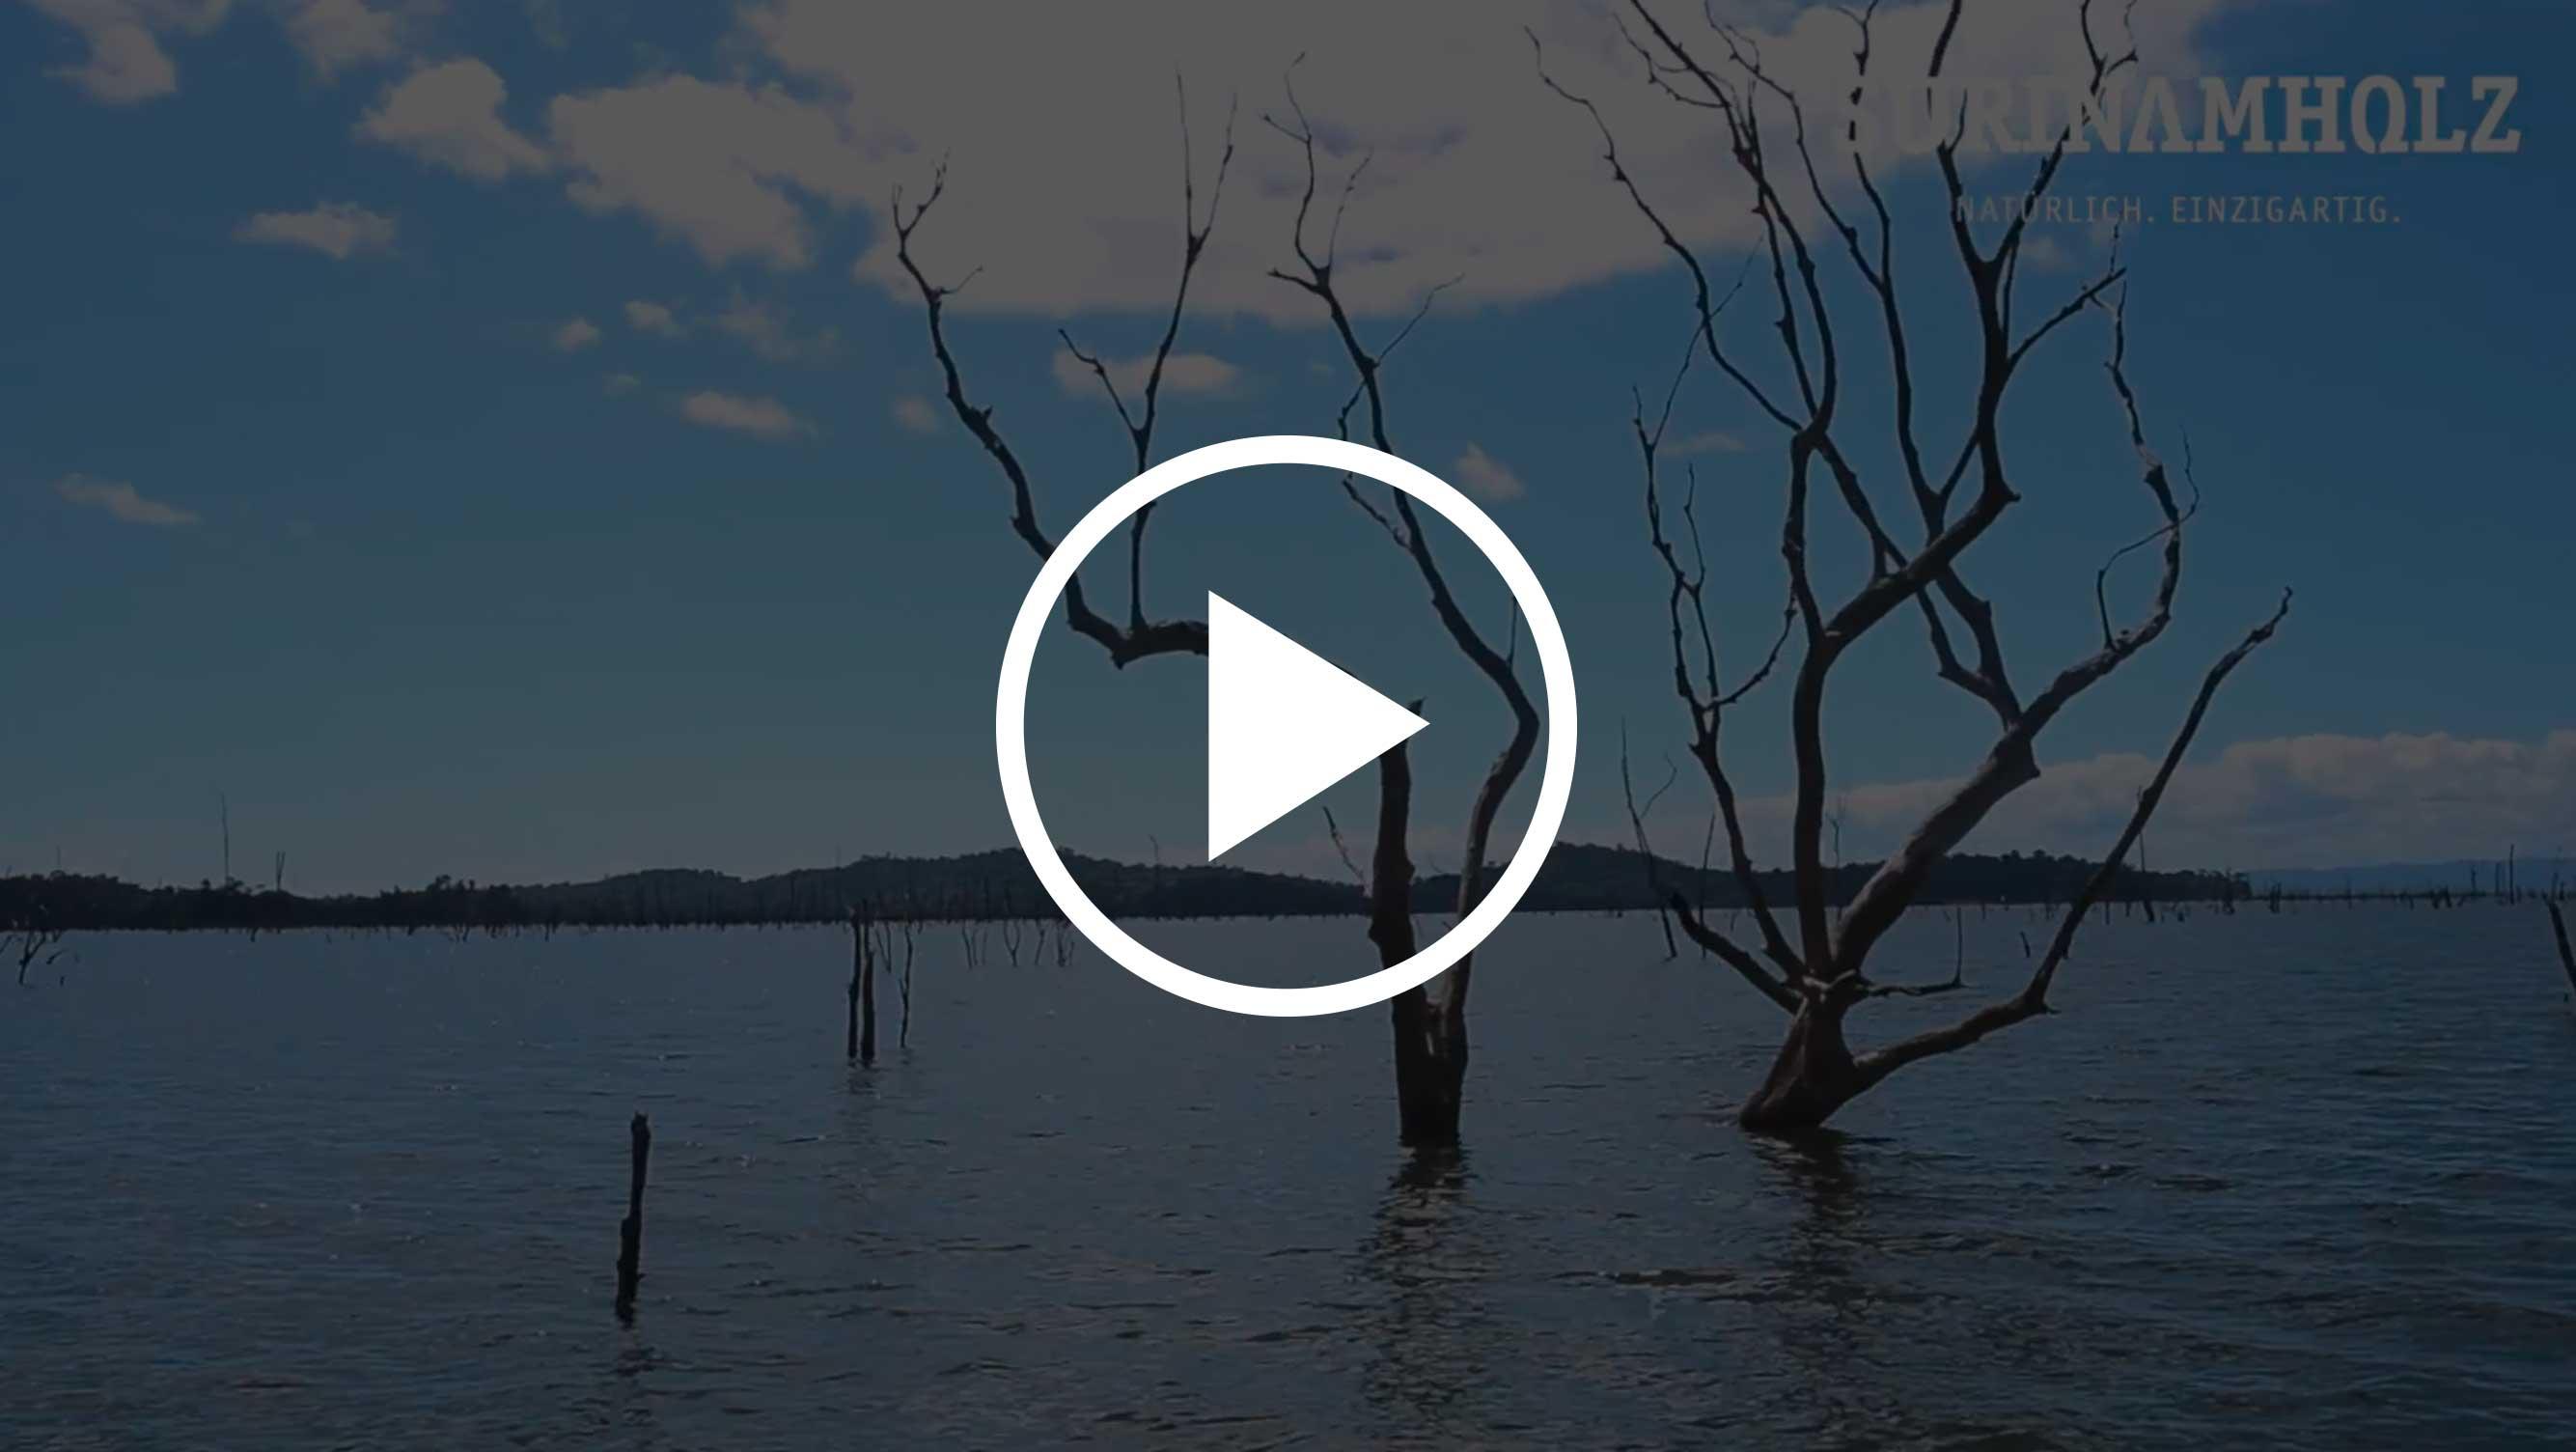 surinamholz der schatz aus dem stausee youtube holzland beese - Tanimbuca: Die Geheimwaffe für Deine Terrasse